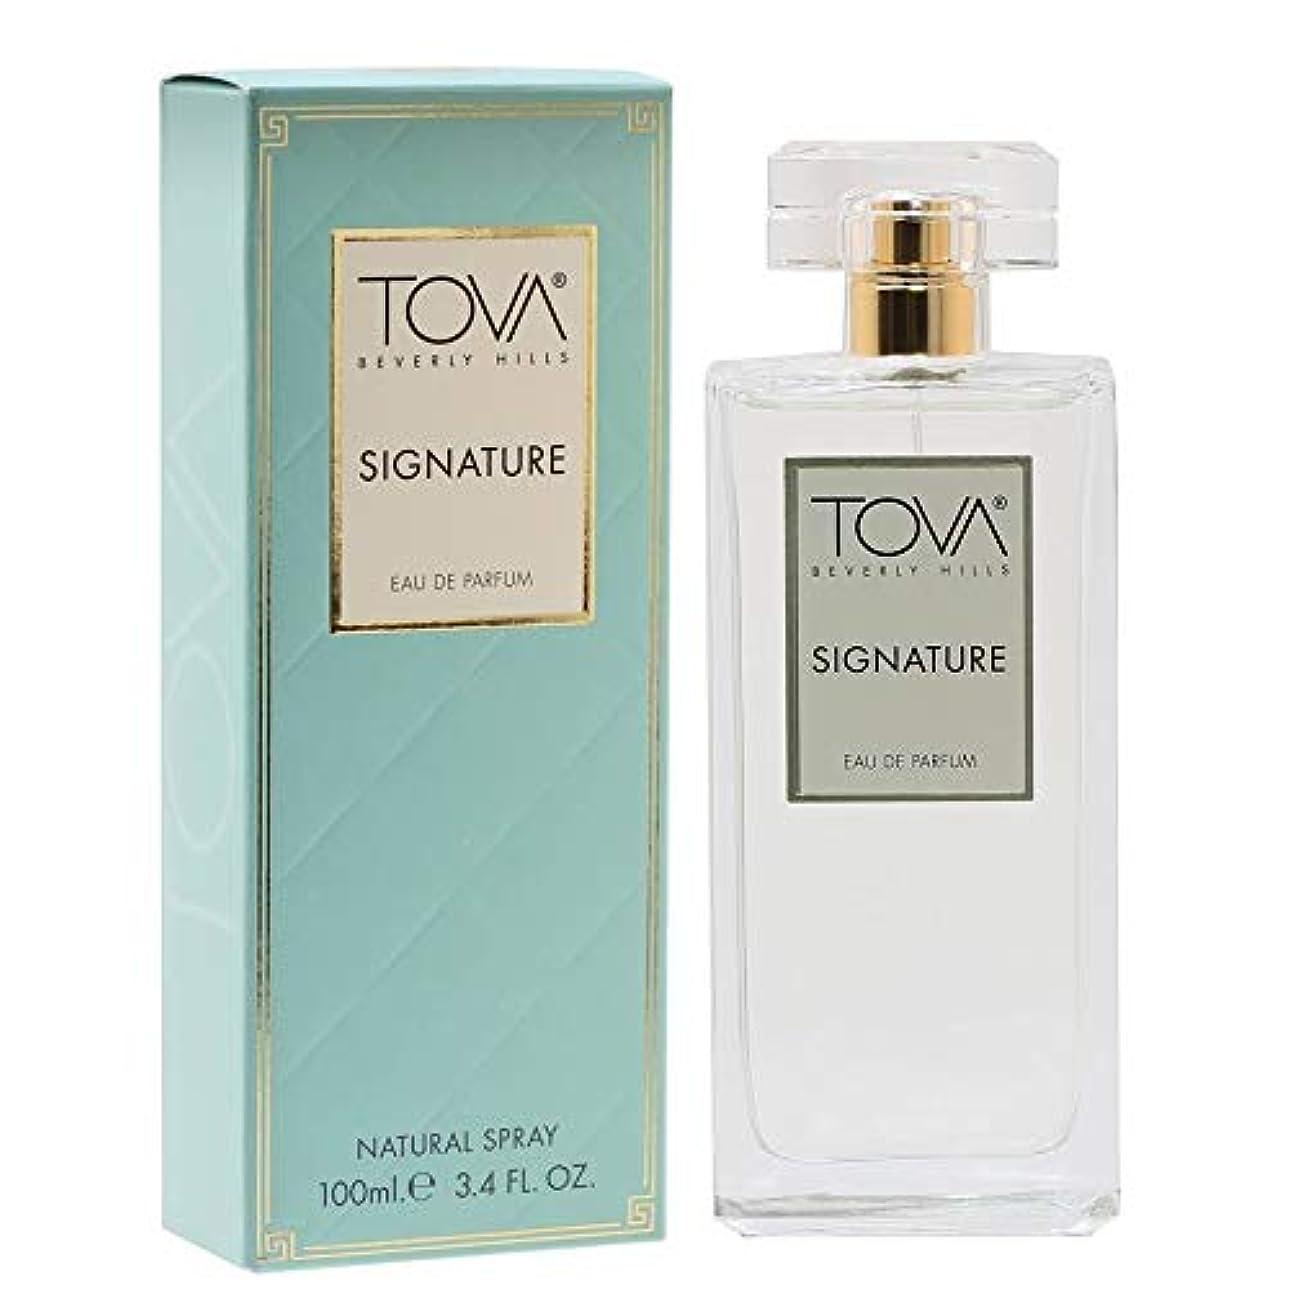 タクトパーセント義務的Tova Signature Fragrance (トヴァ シグネチャ- フレグランス) 3.4 oz (100ml) EDP Spray (New Package 新デザイン)